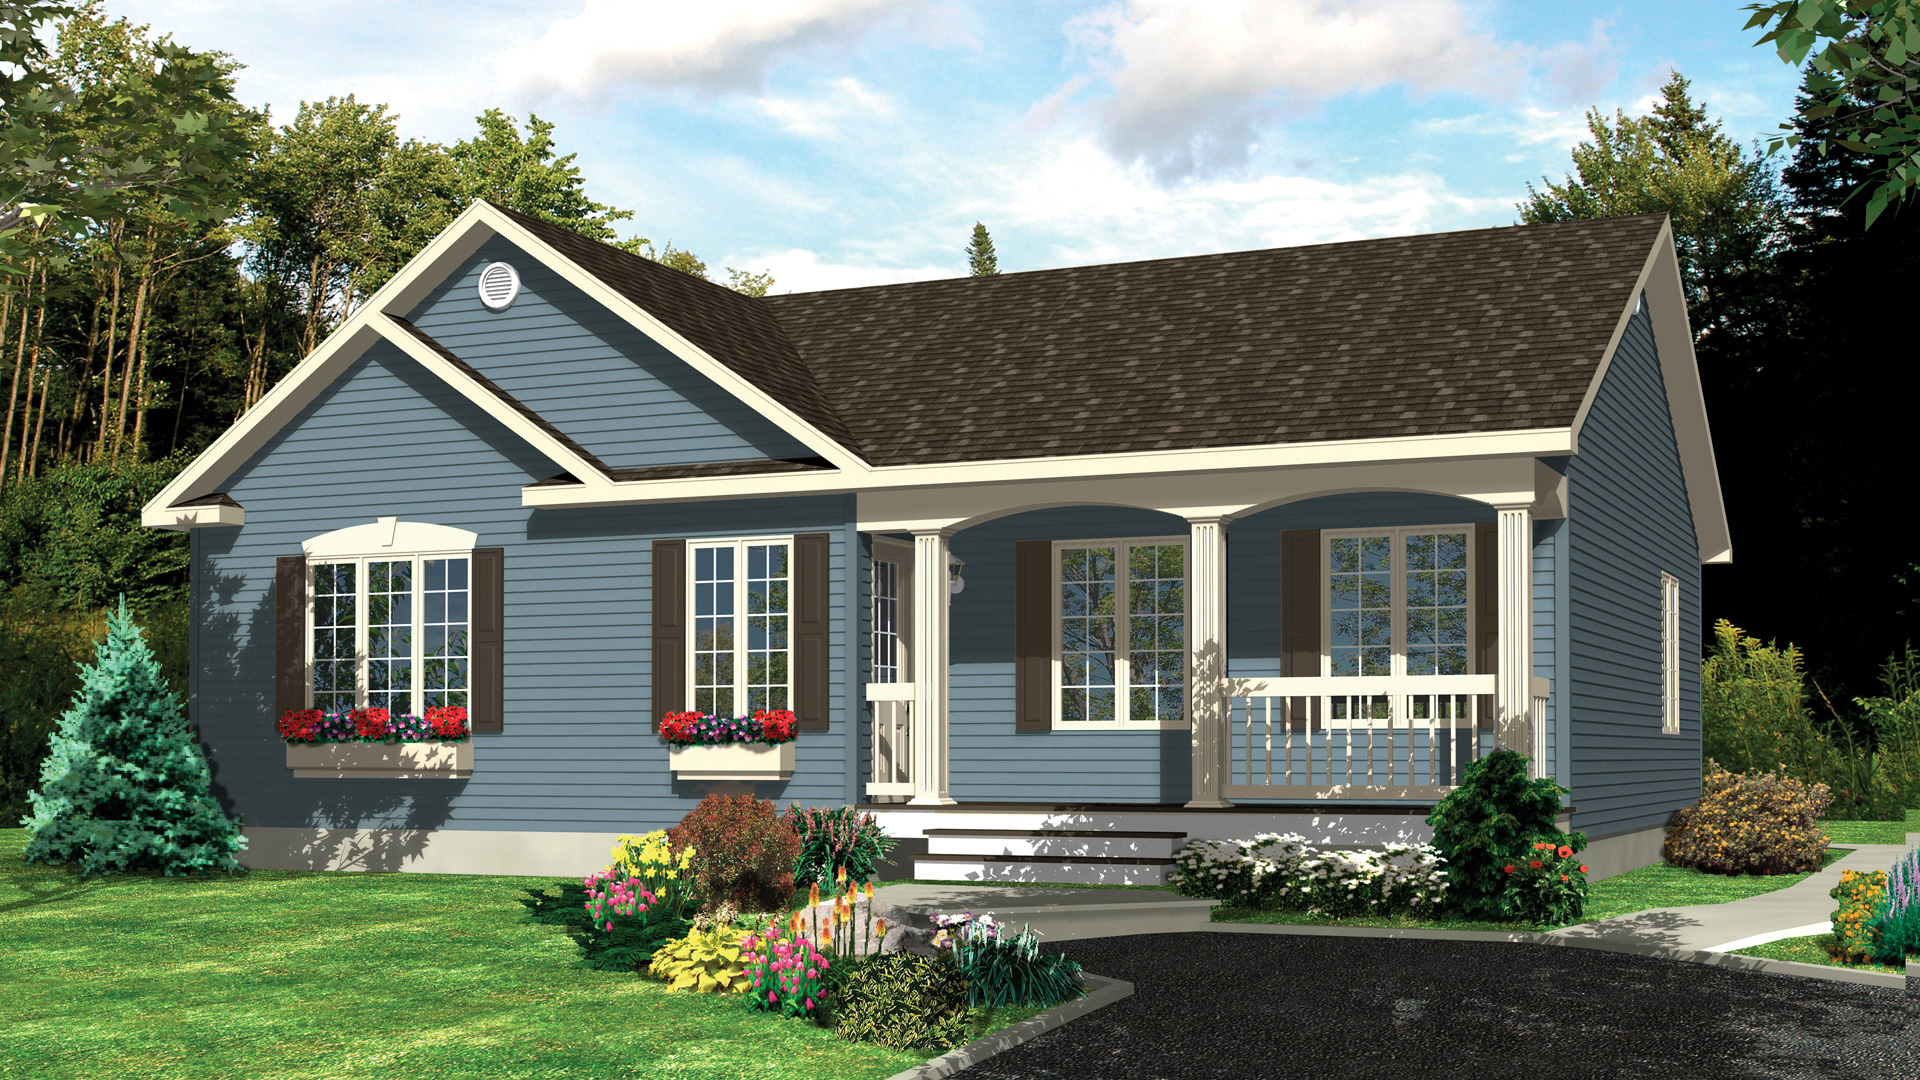 Mod le turquoise maison champ tre pro fab constructeur for Modele maison champetre